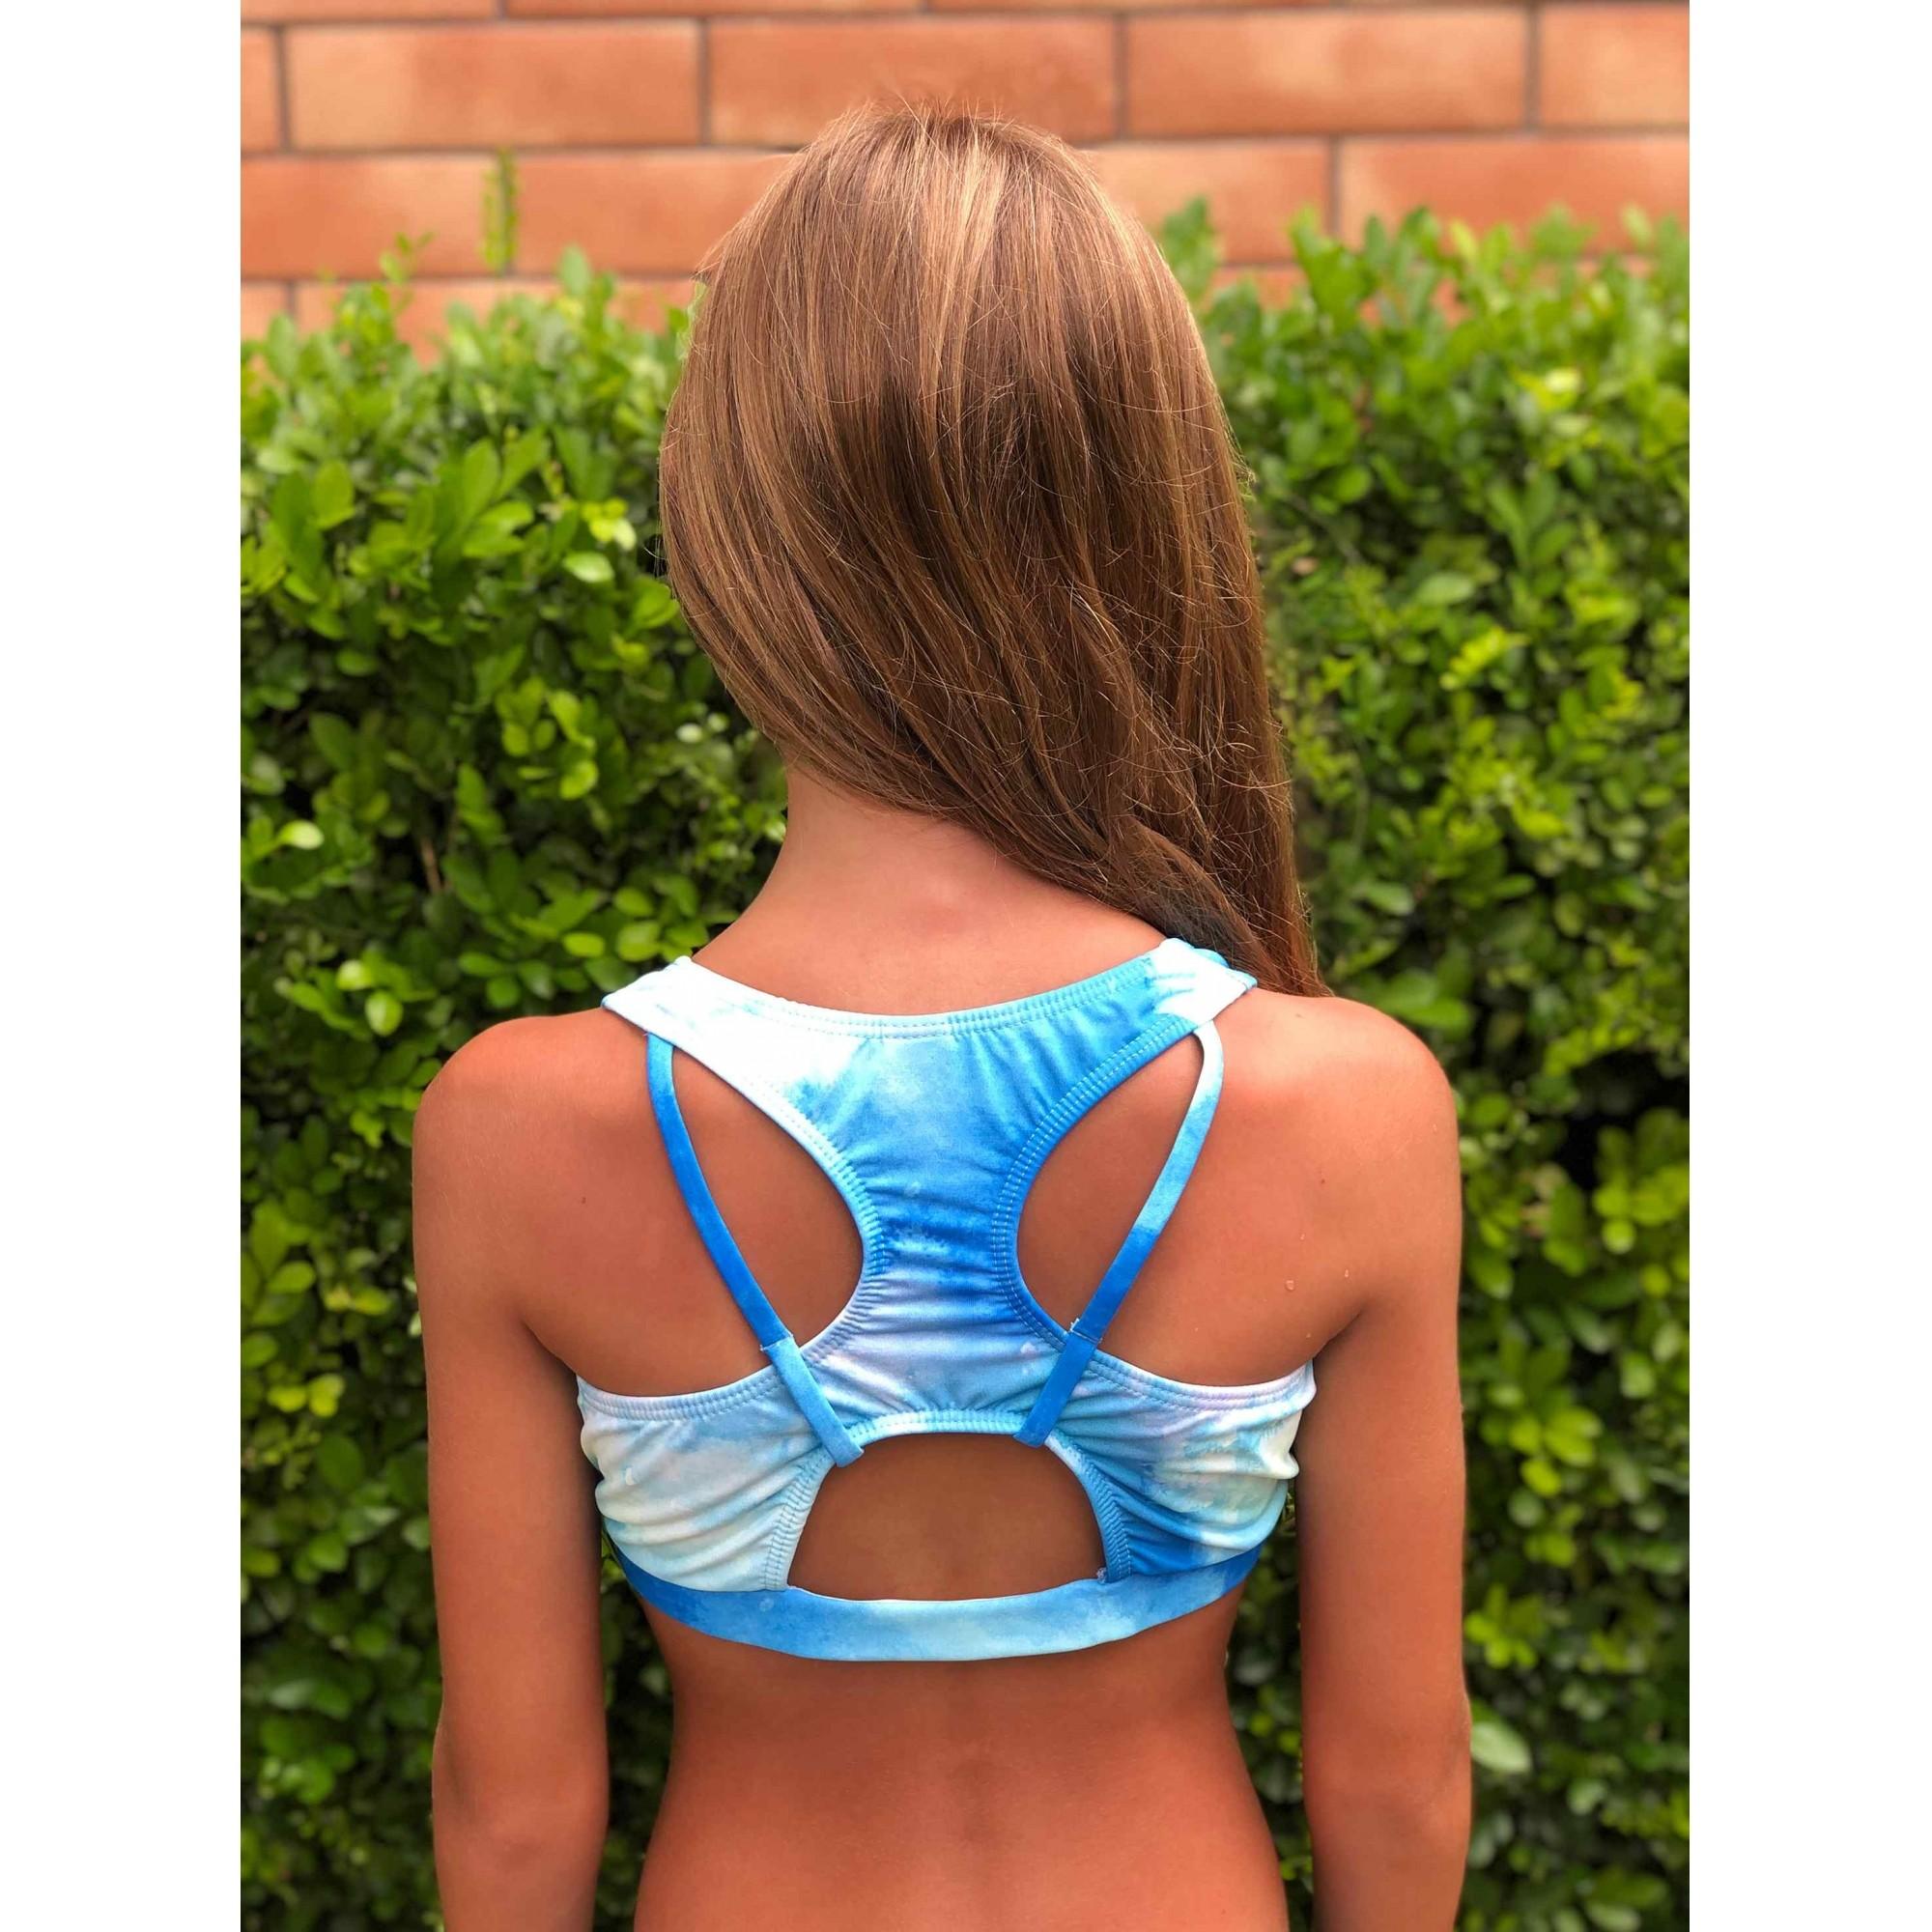 Biquíni Lycra Proteção UPF50+ Top Stripe Tie Dye Waves - Verão 2021